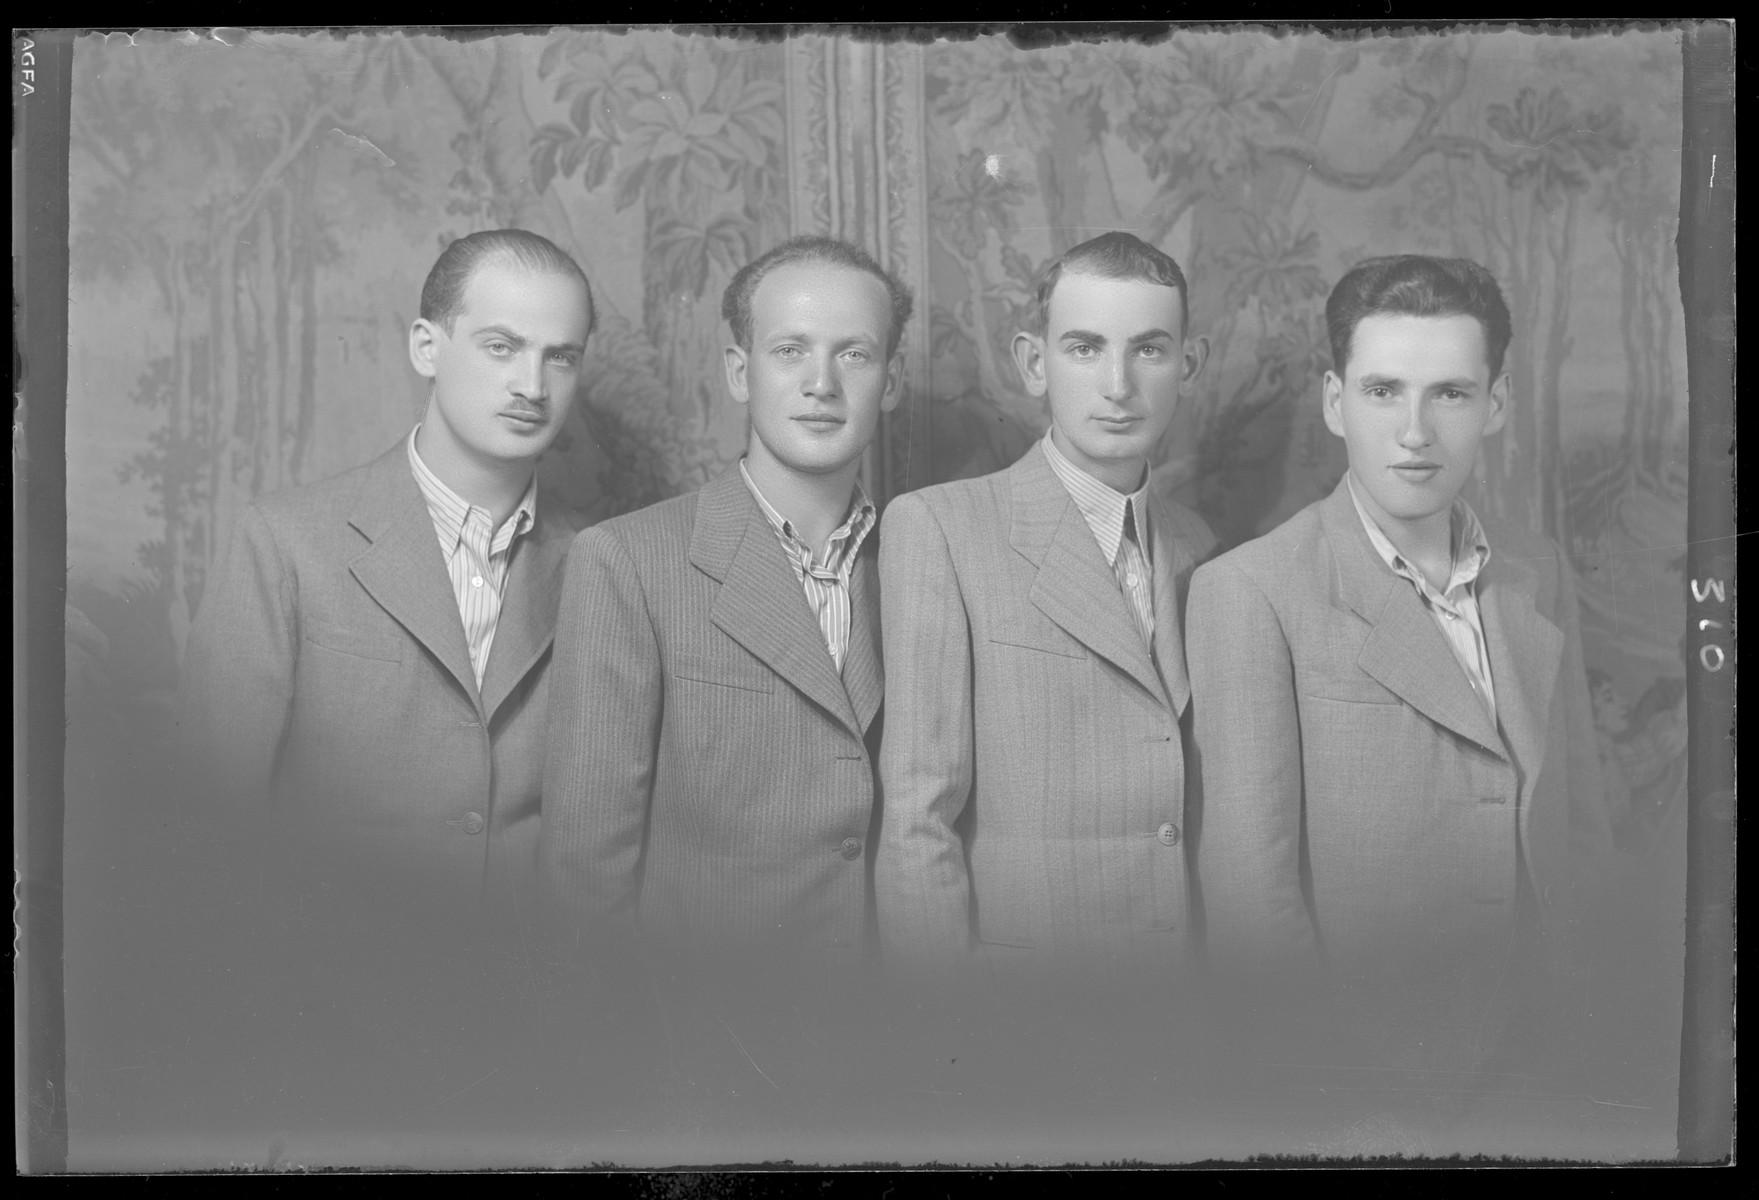 Studio portrait of Zoltan Schvartz and three other men.